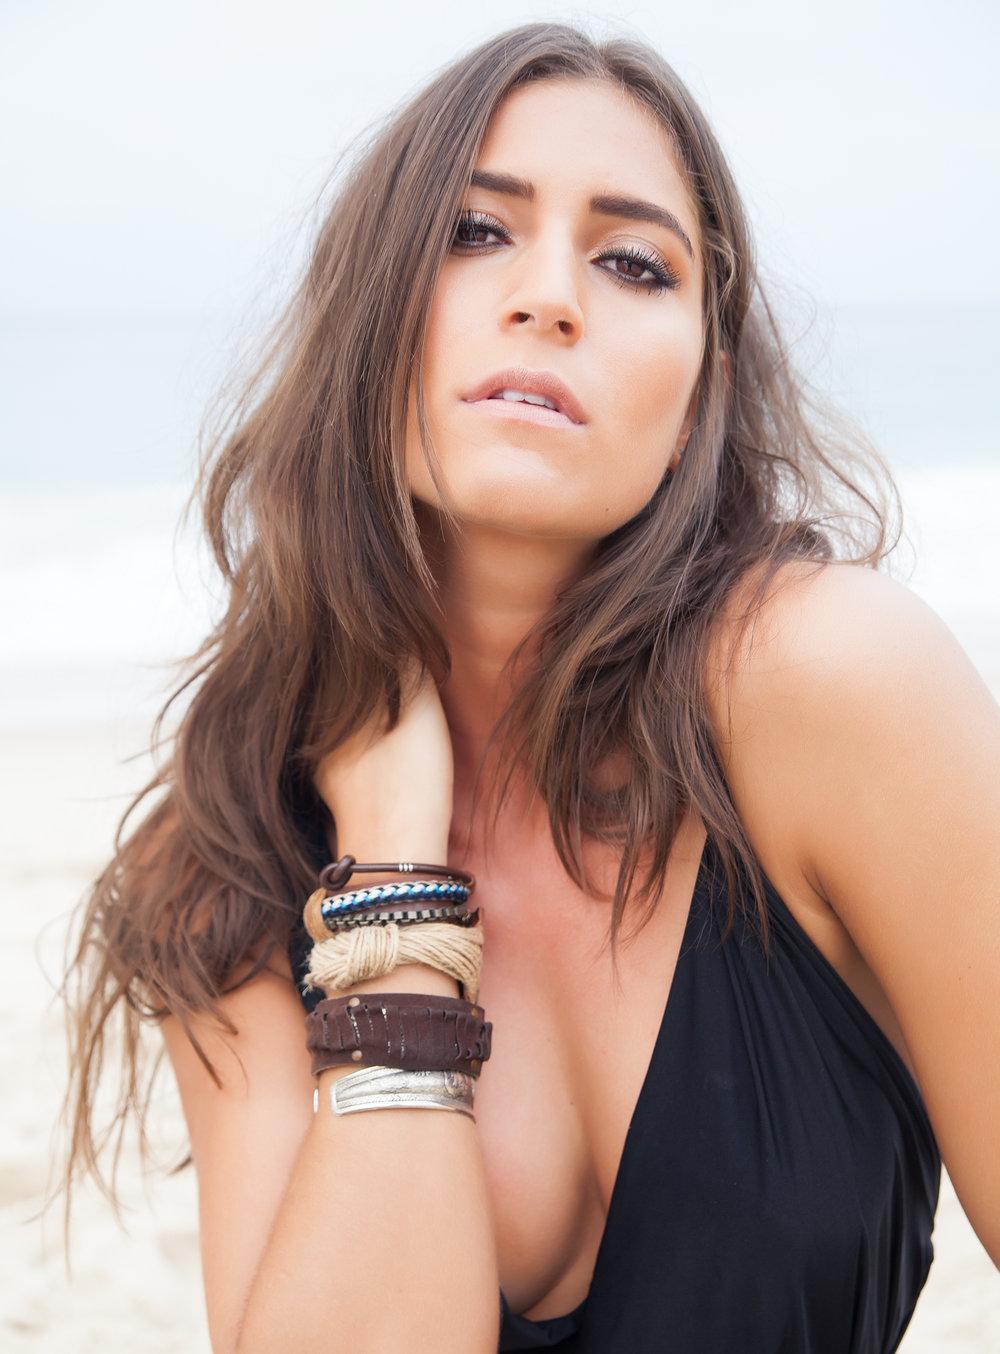 Maria Joana Chiapetta, Actor